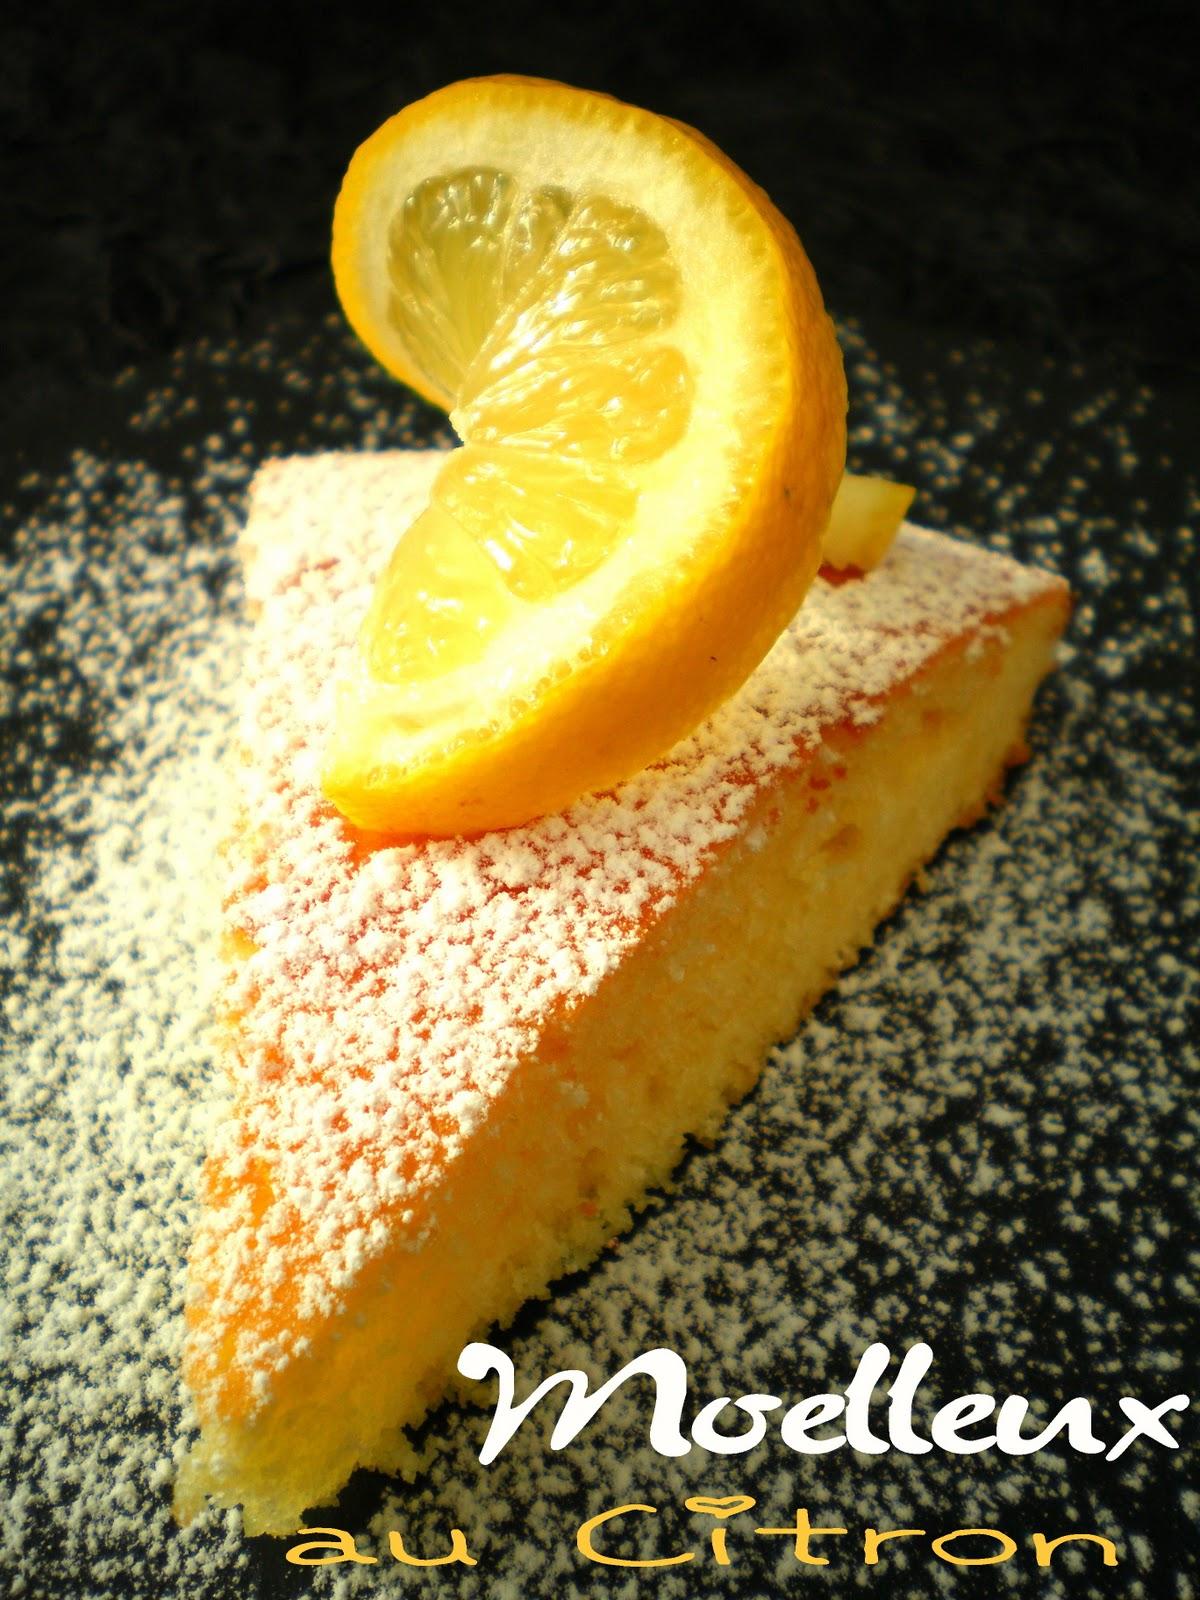 Pourquoi se priver quand c 39 est bon et l ger moelleux au citron 3 5 pts ww - Quand cueillir les citrons ...